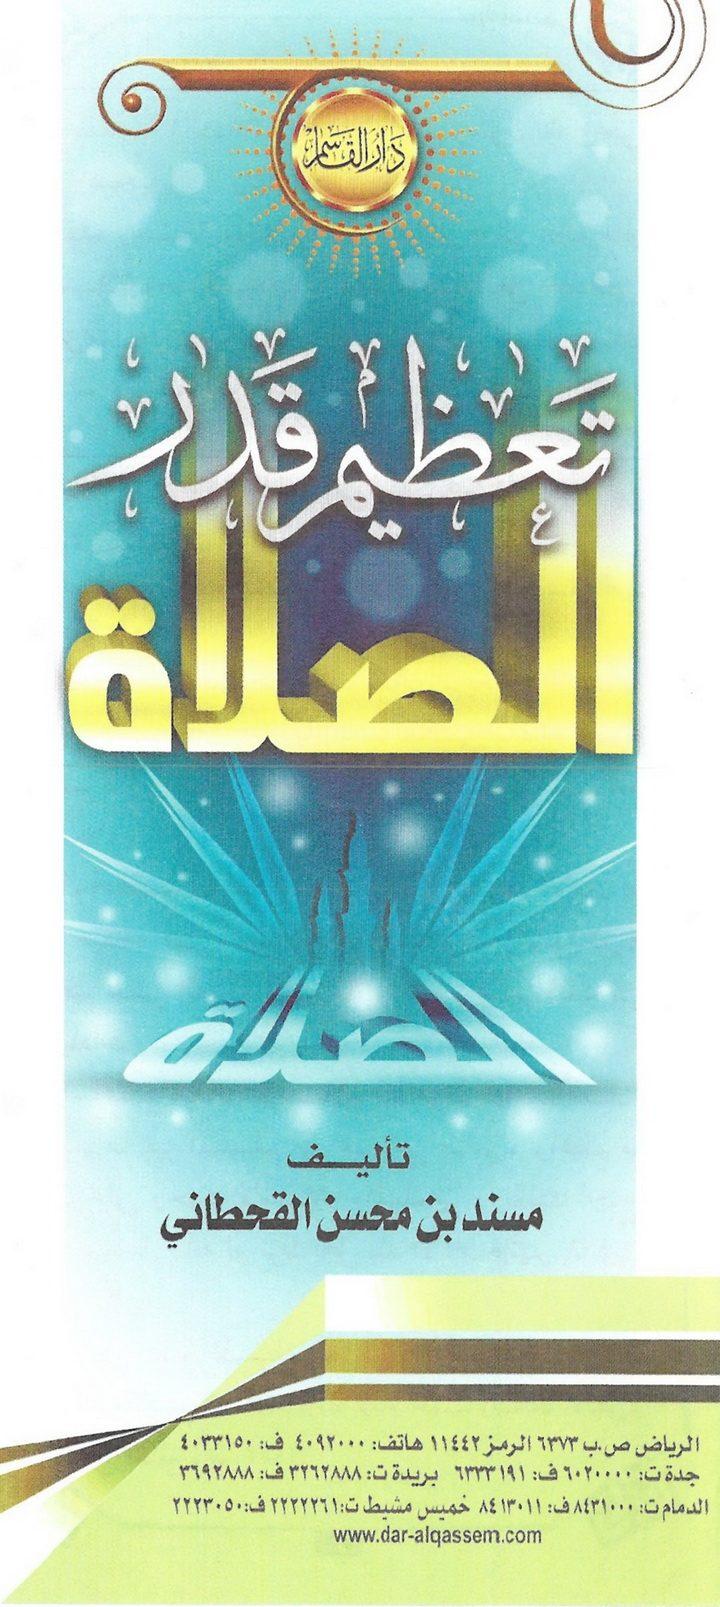 تعظيم قدر الصلاة (مسند بن محسن القحطاني – دار القاسم)